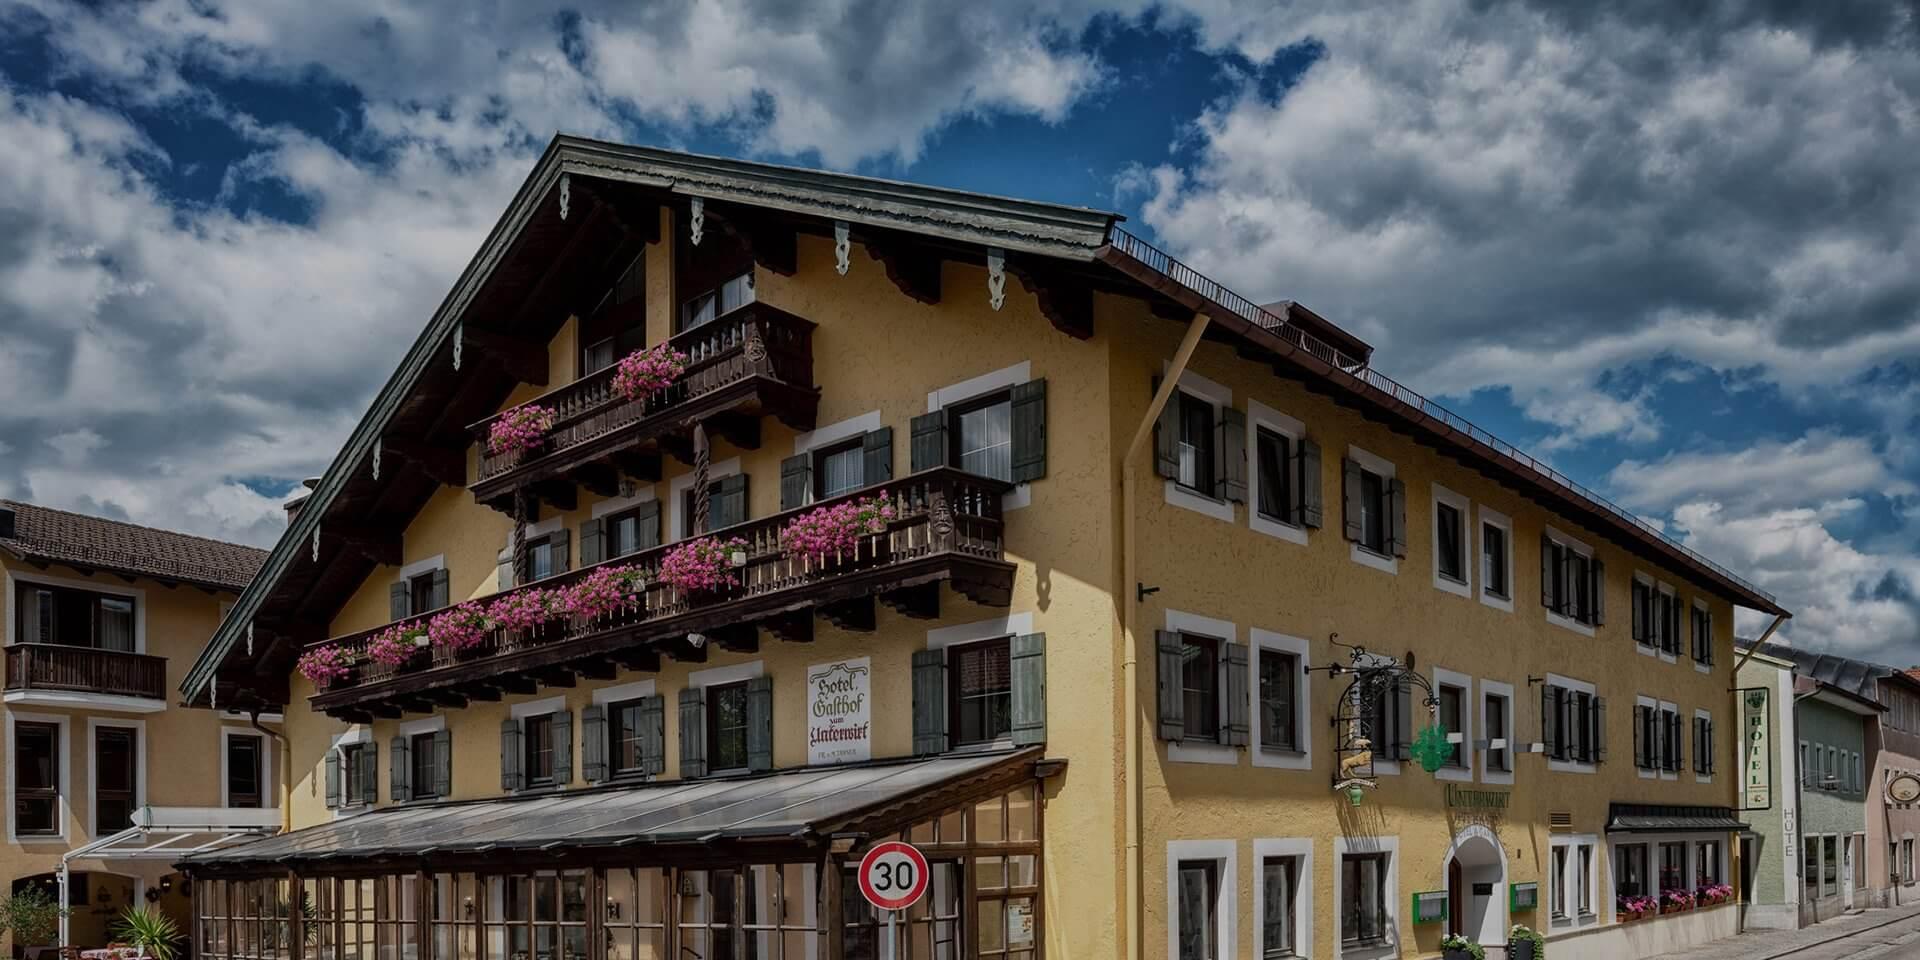 Hotel Gasthof Zum Unterwirt In Waging Am See